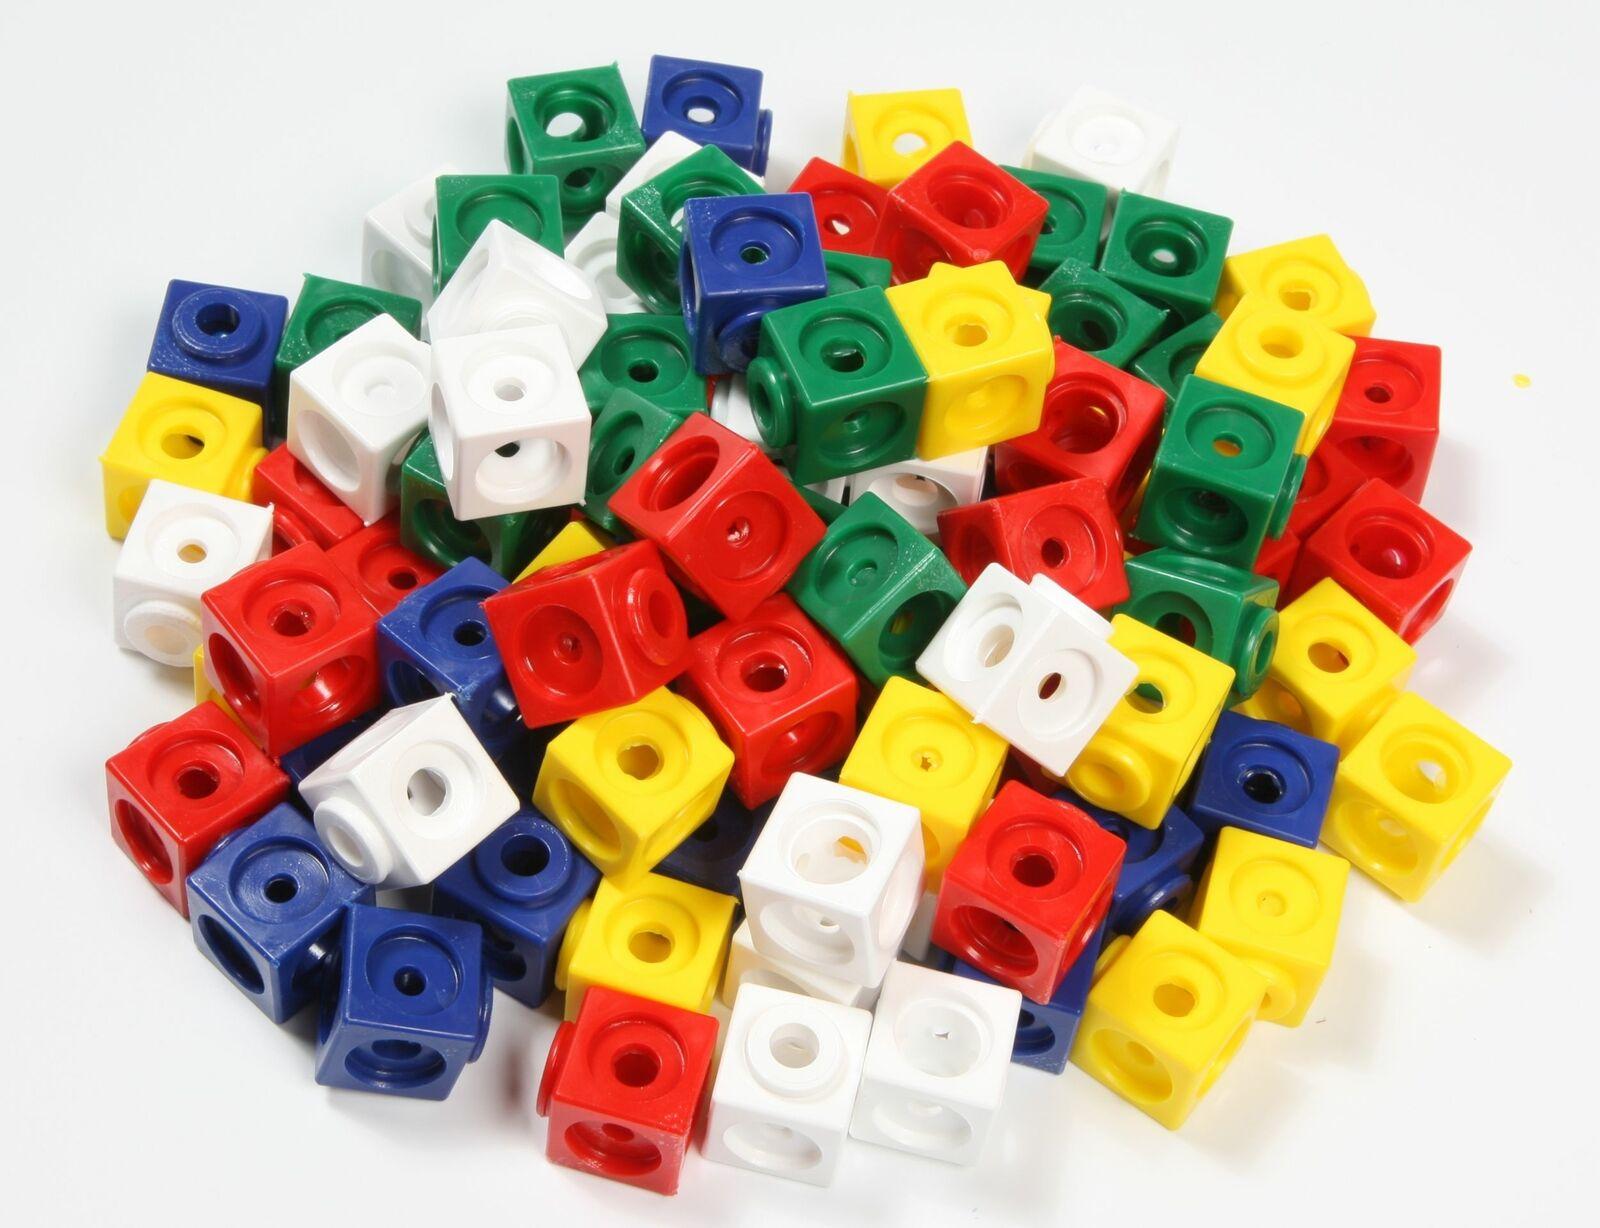 1000 Steckwürfel 5-farbig in der Box, Kantenlänge 1,7 cm, figureendarstellung